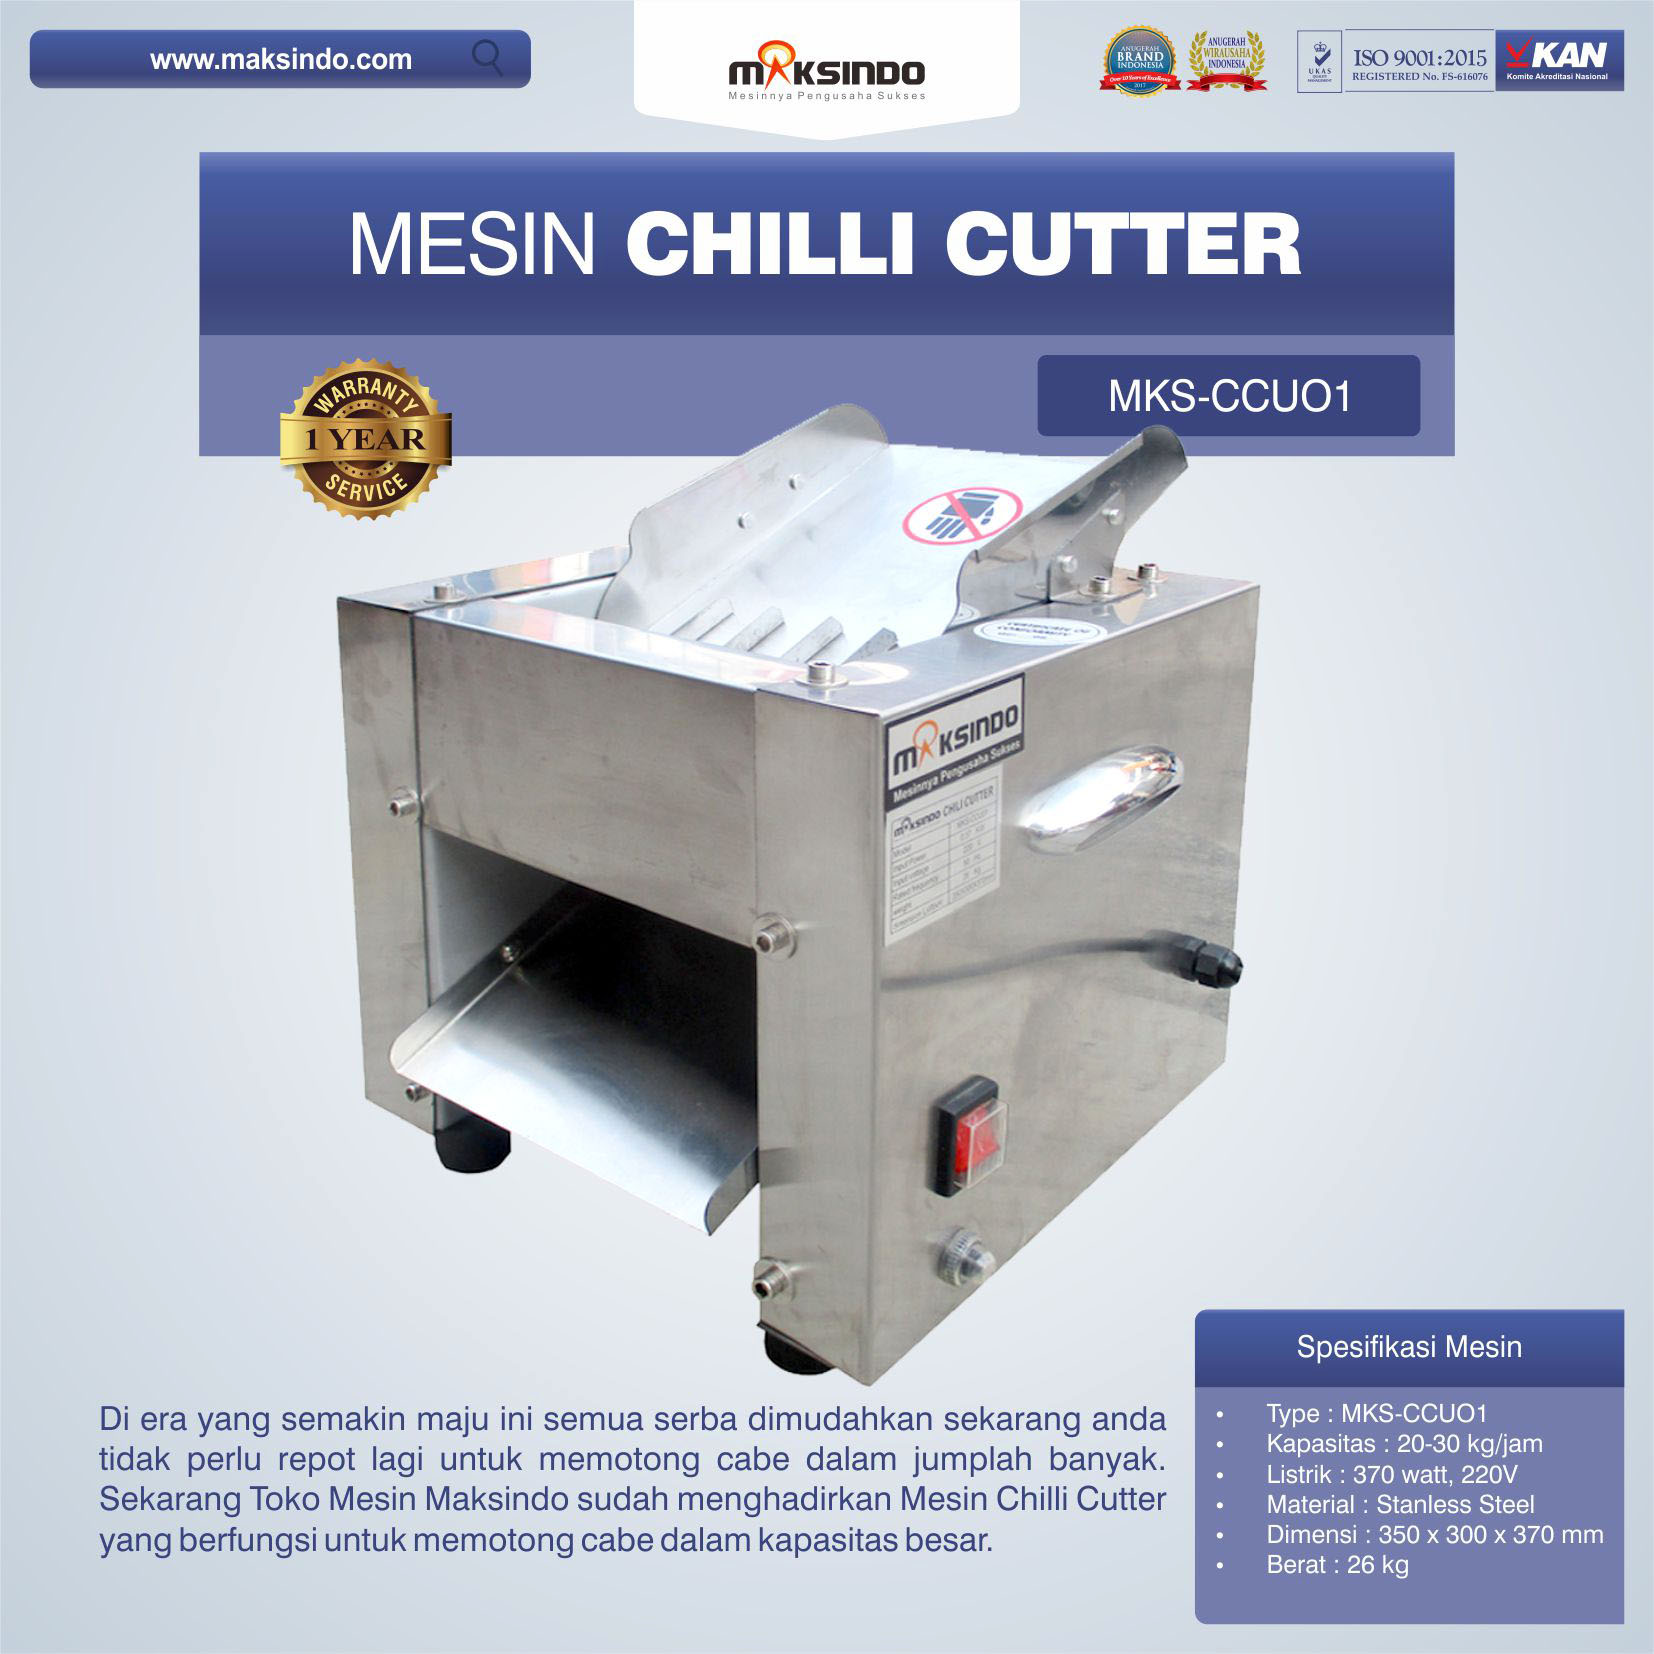 Jual Mesin Chilli Cutter MKS-CCU01 di Blitar